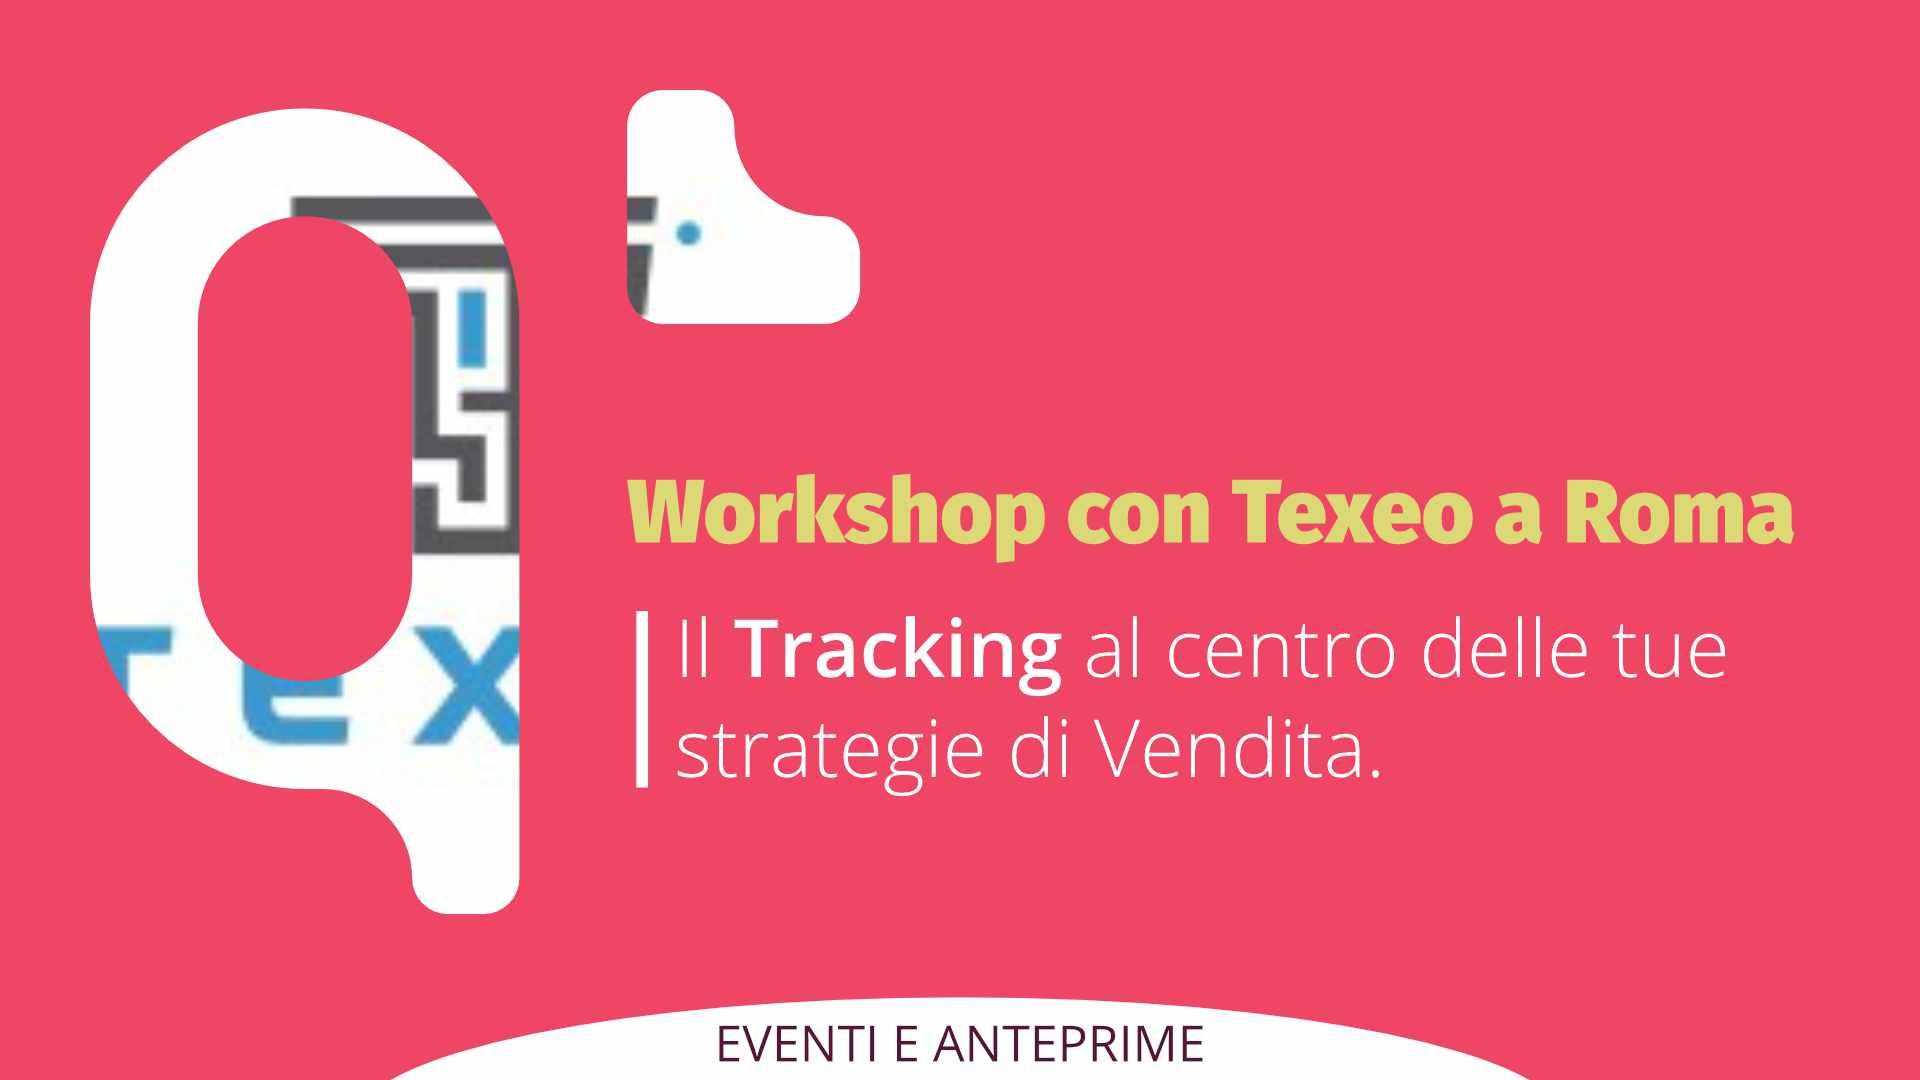 Tutto il Tracking porta a Qapla' – Workshop con Texeo a Roma il 25 Novembre